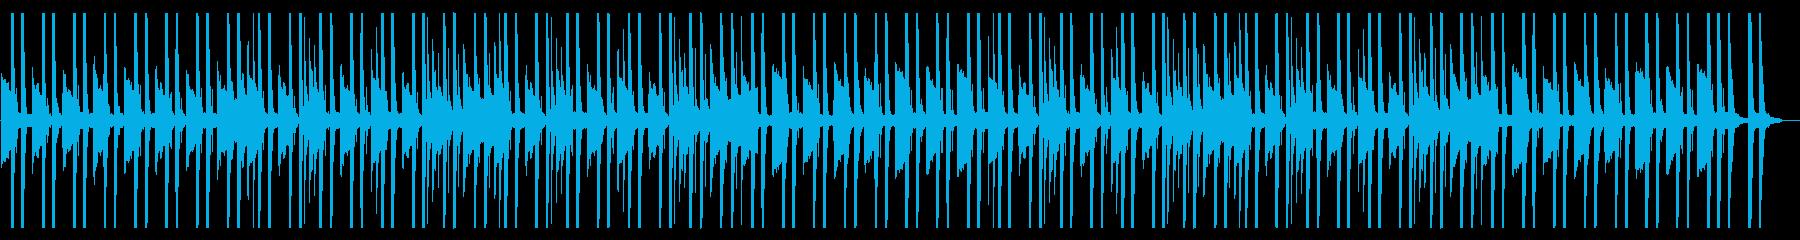 ほのぼのした日常系アニメの会話シーンの再生済みの波形